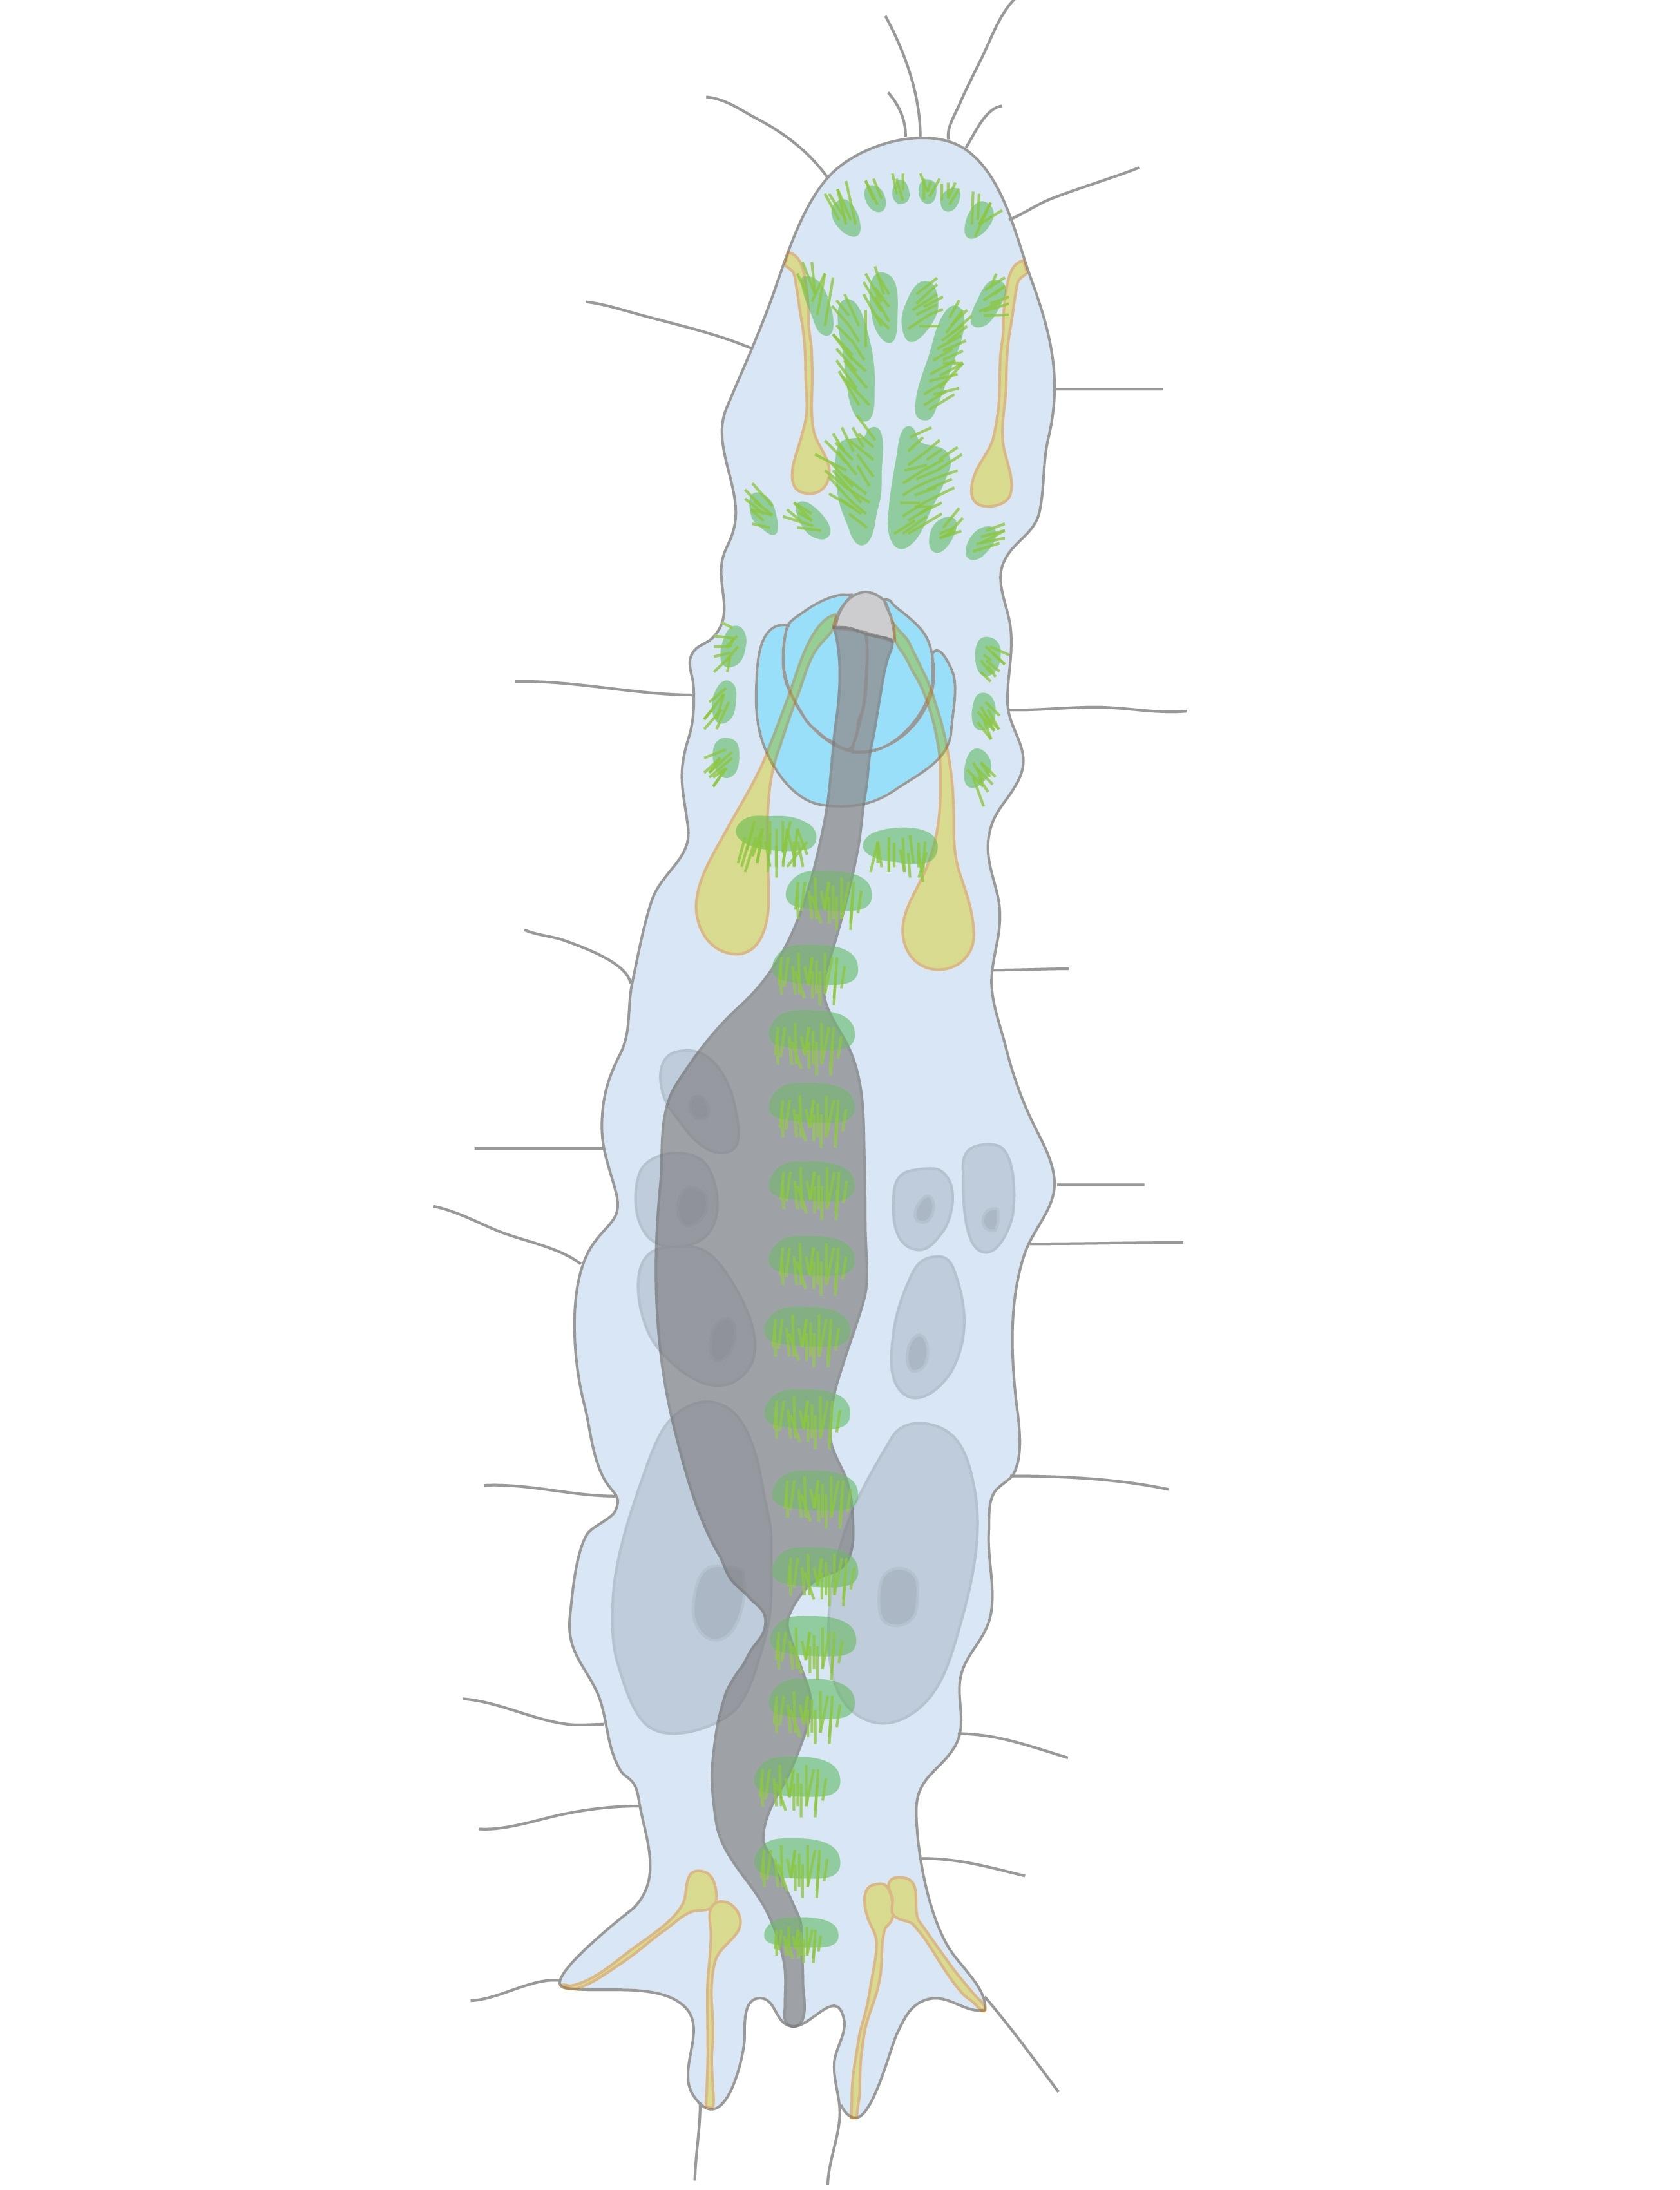 Image of Diurodrilus